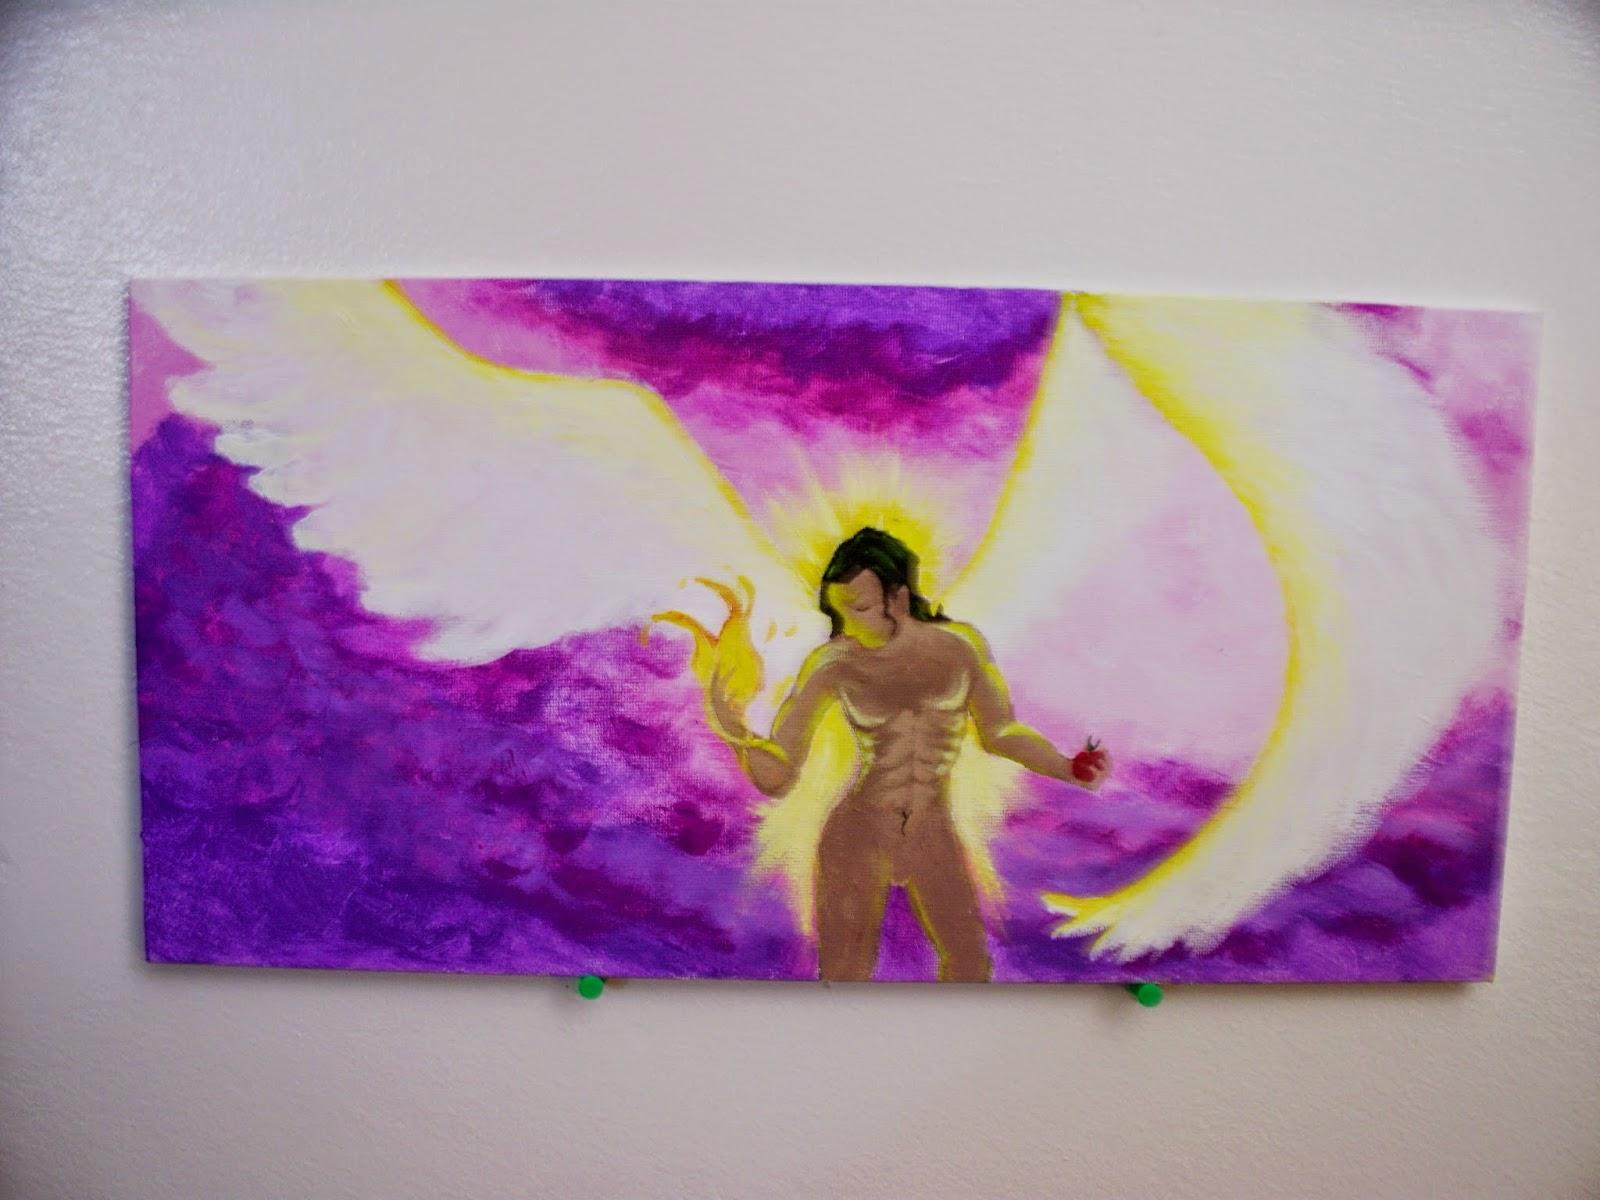 Image of an Angelic Figure